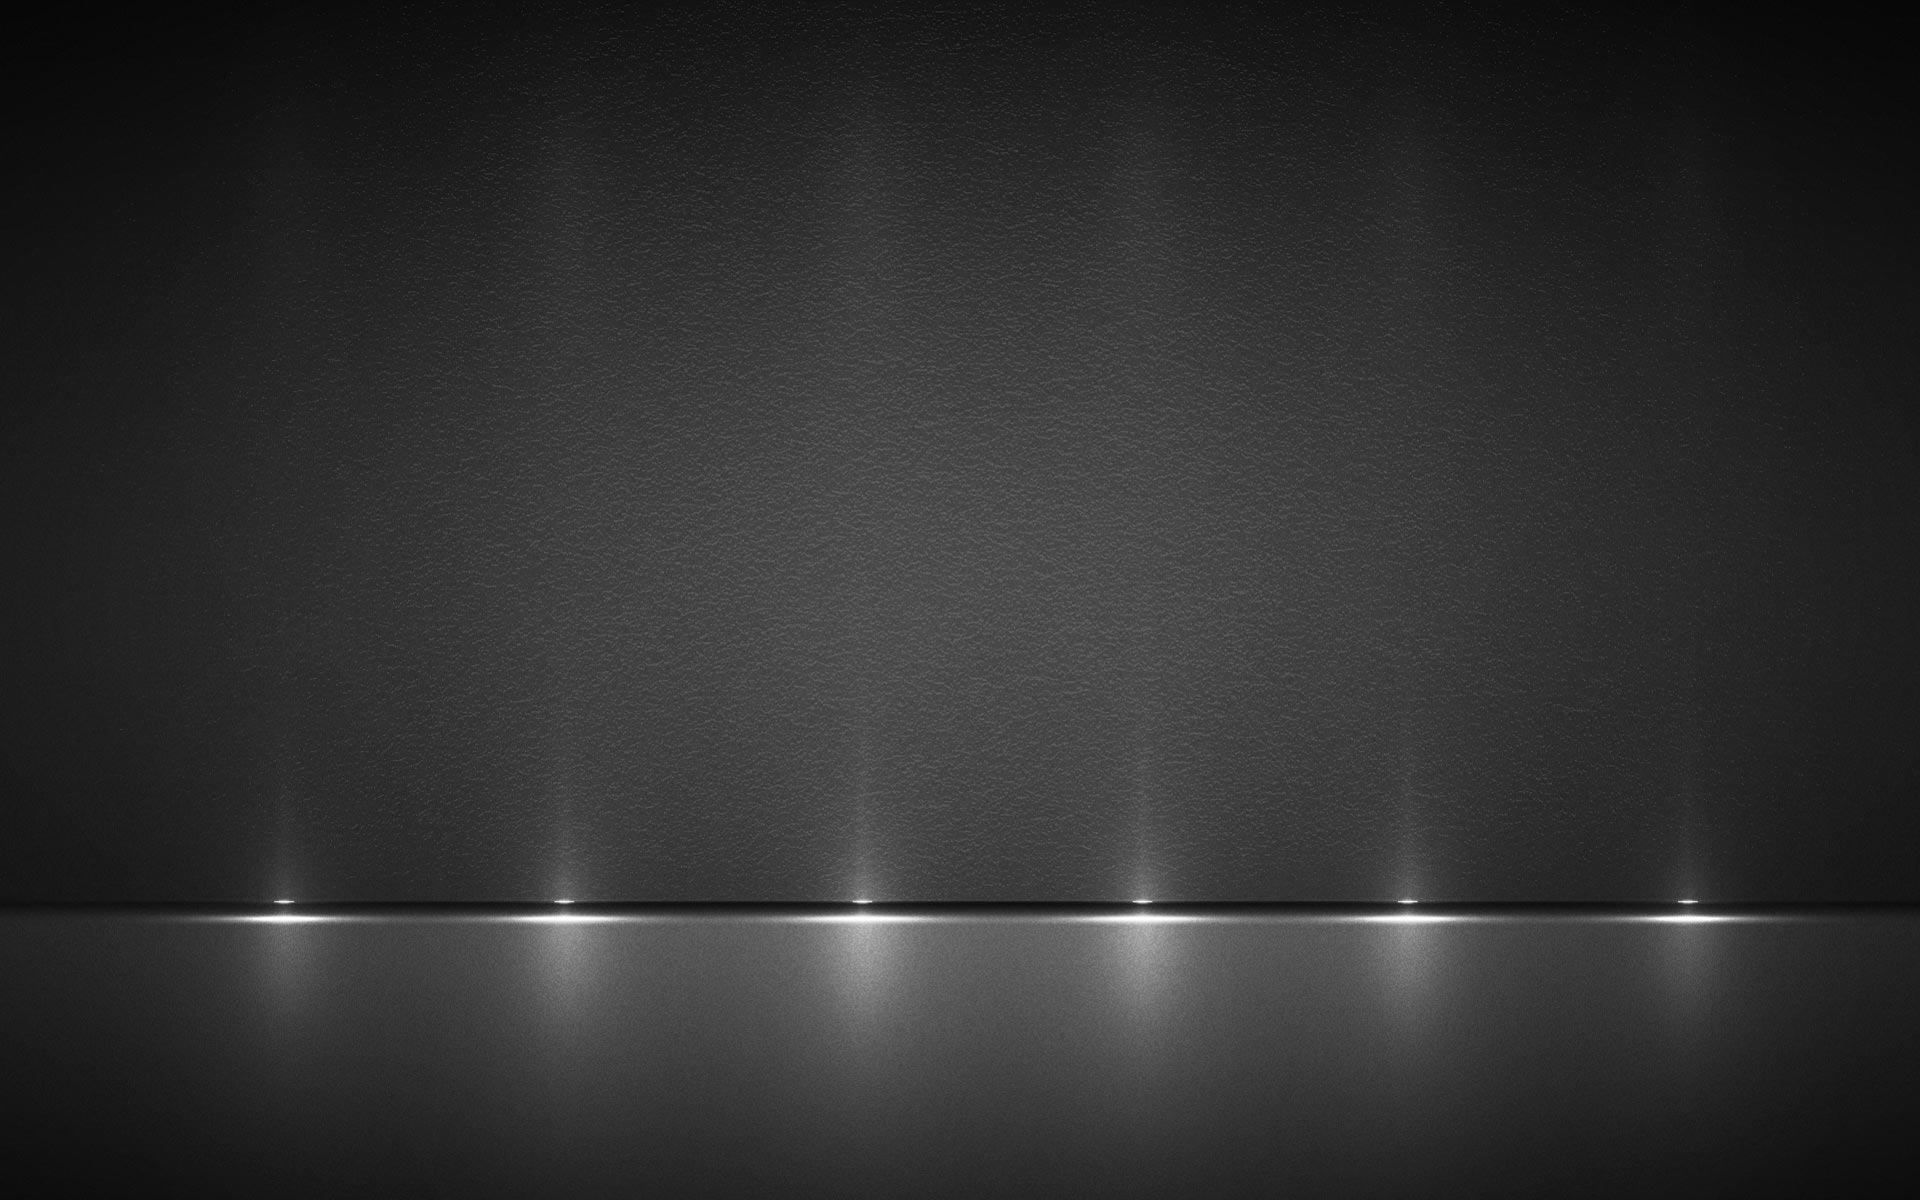 Des: Download stage light focus Wallpaper .